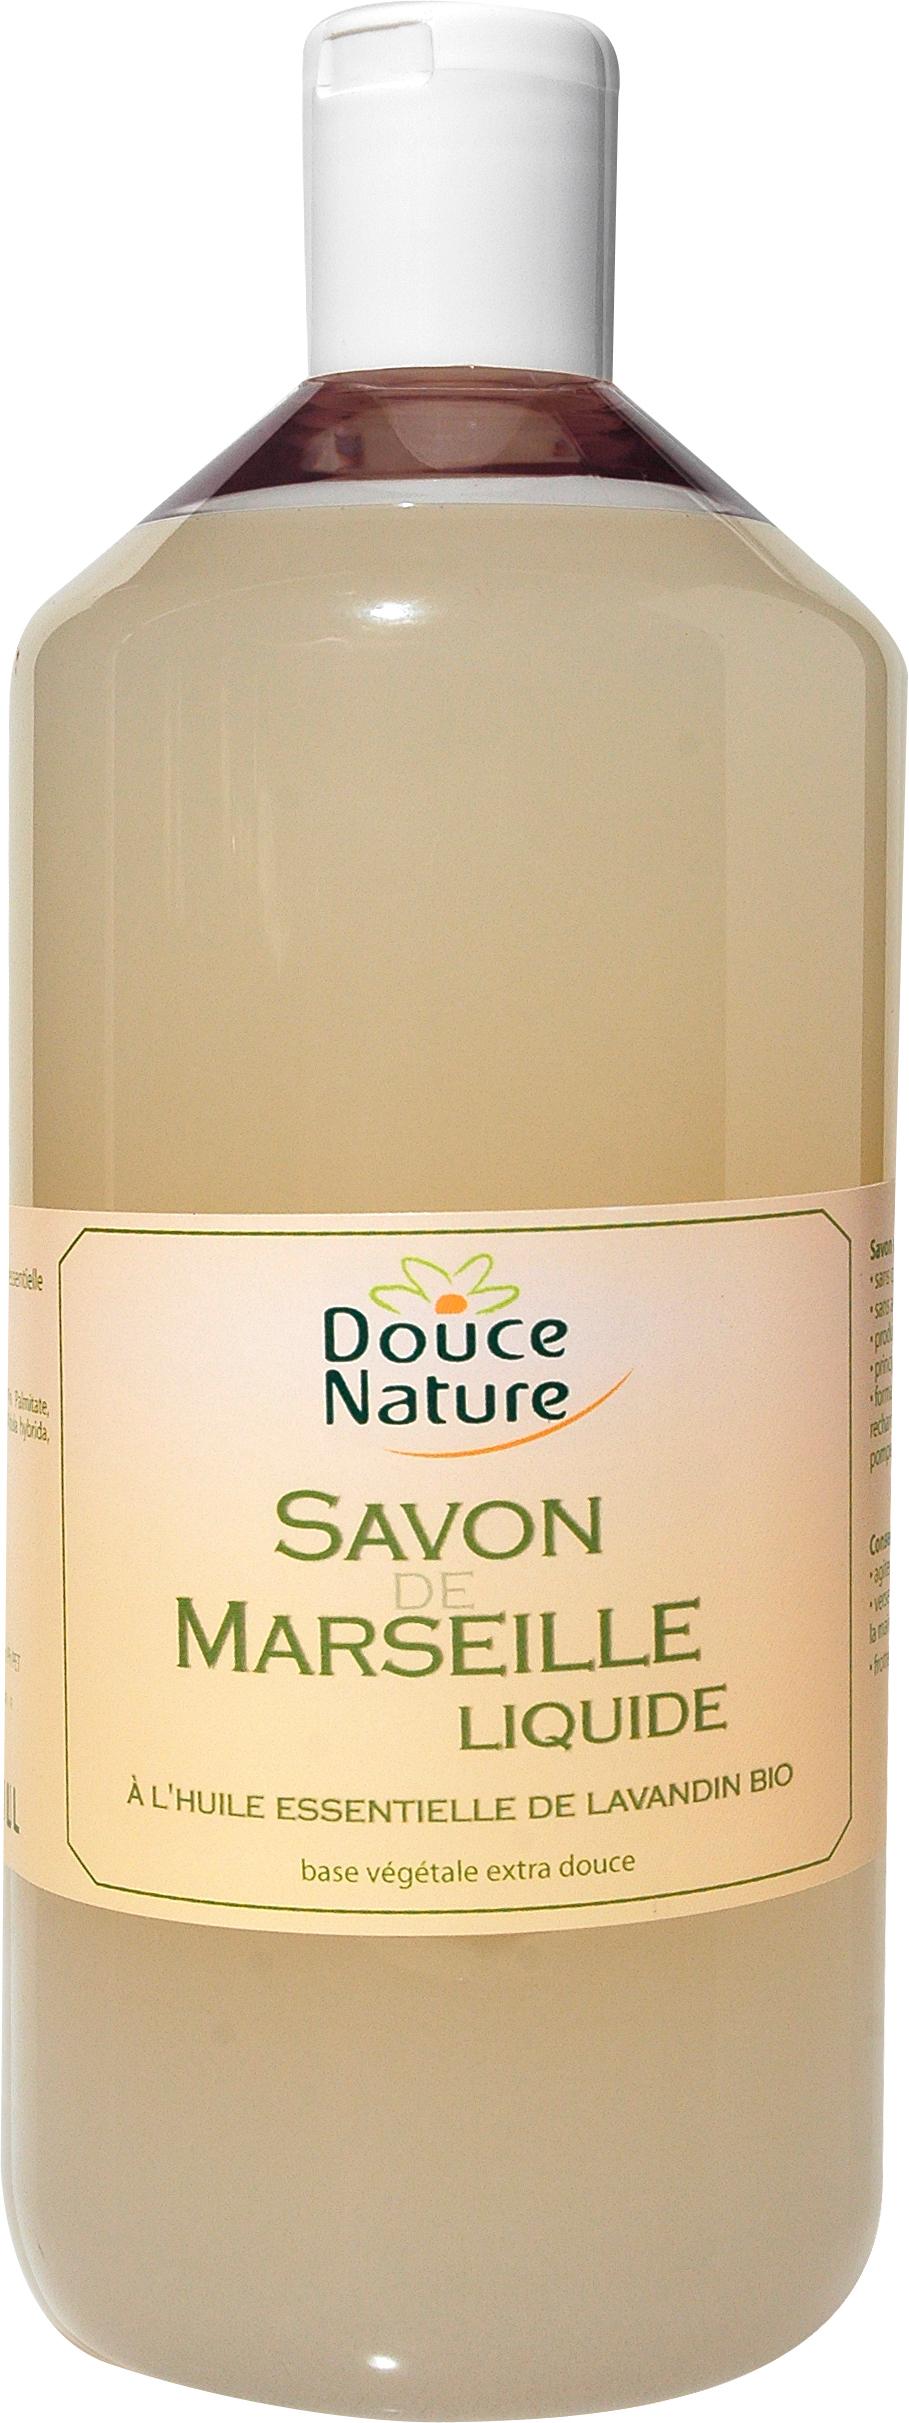 Savon de Marseille liquide à l'huile essentielle de lavandin BIO, Douce Nature (1 l)